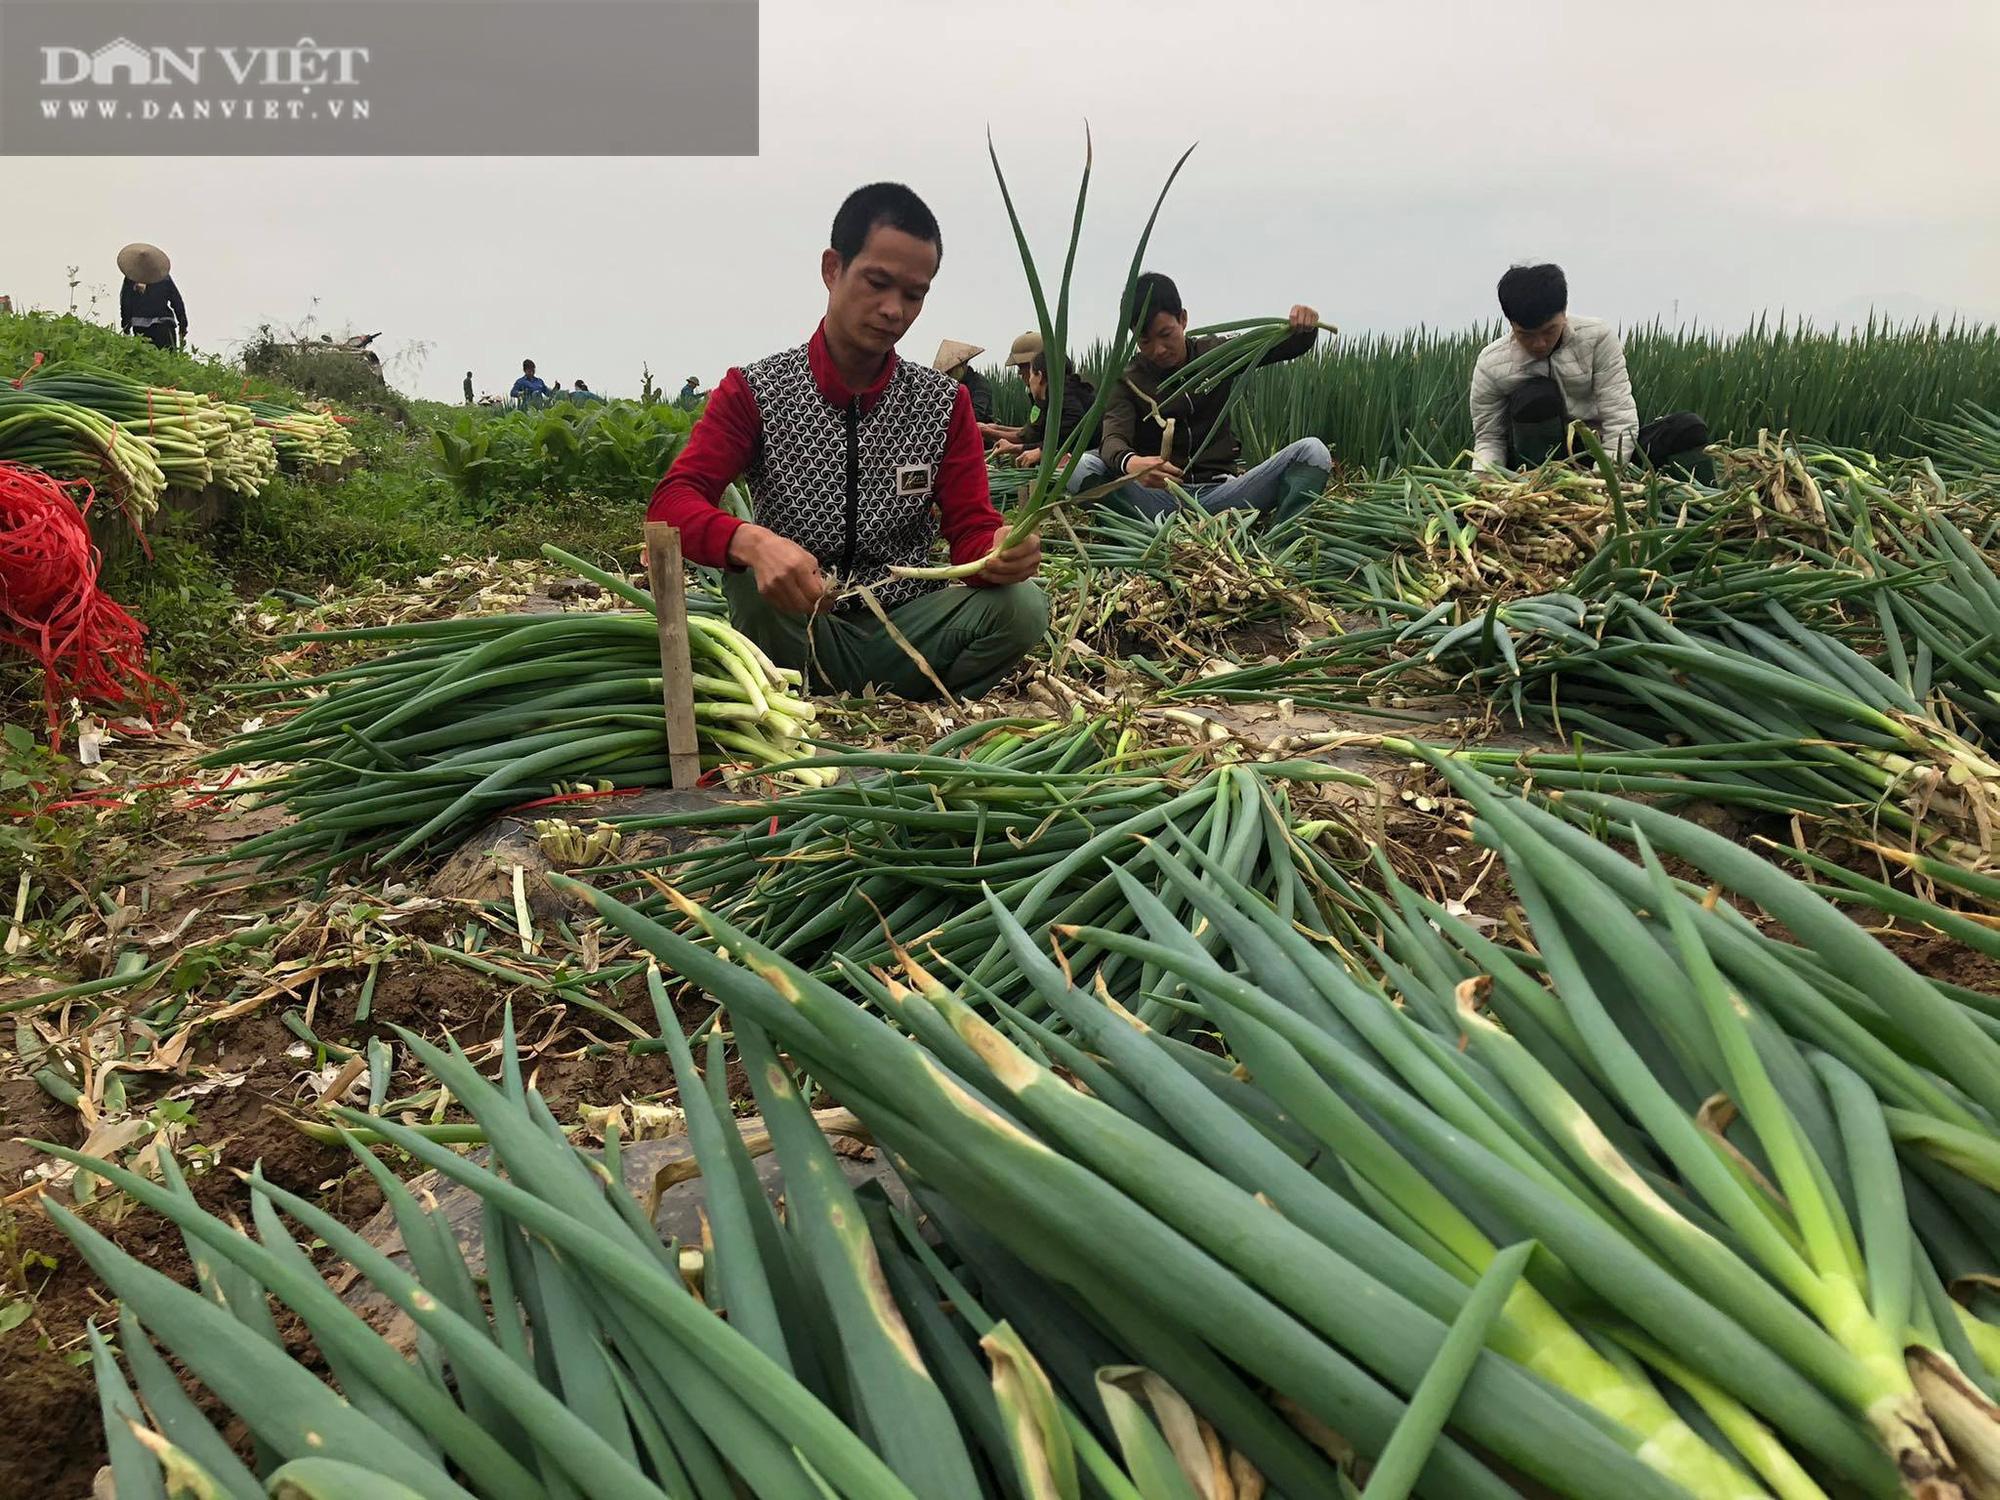 Phú Thọ: Được doanh nghiệp giải cứu, người trồng hành phấn khởi ra đồng thu hoạch mặc gió lạnh - Ảnh 4.